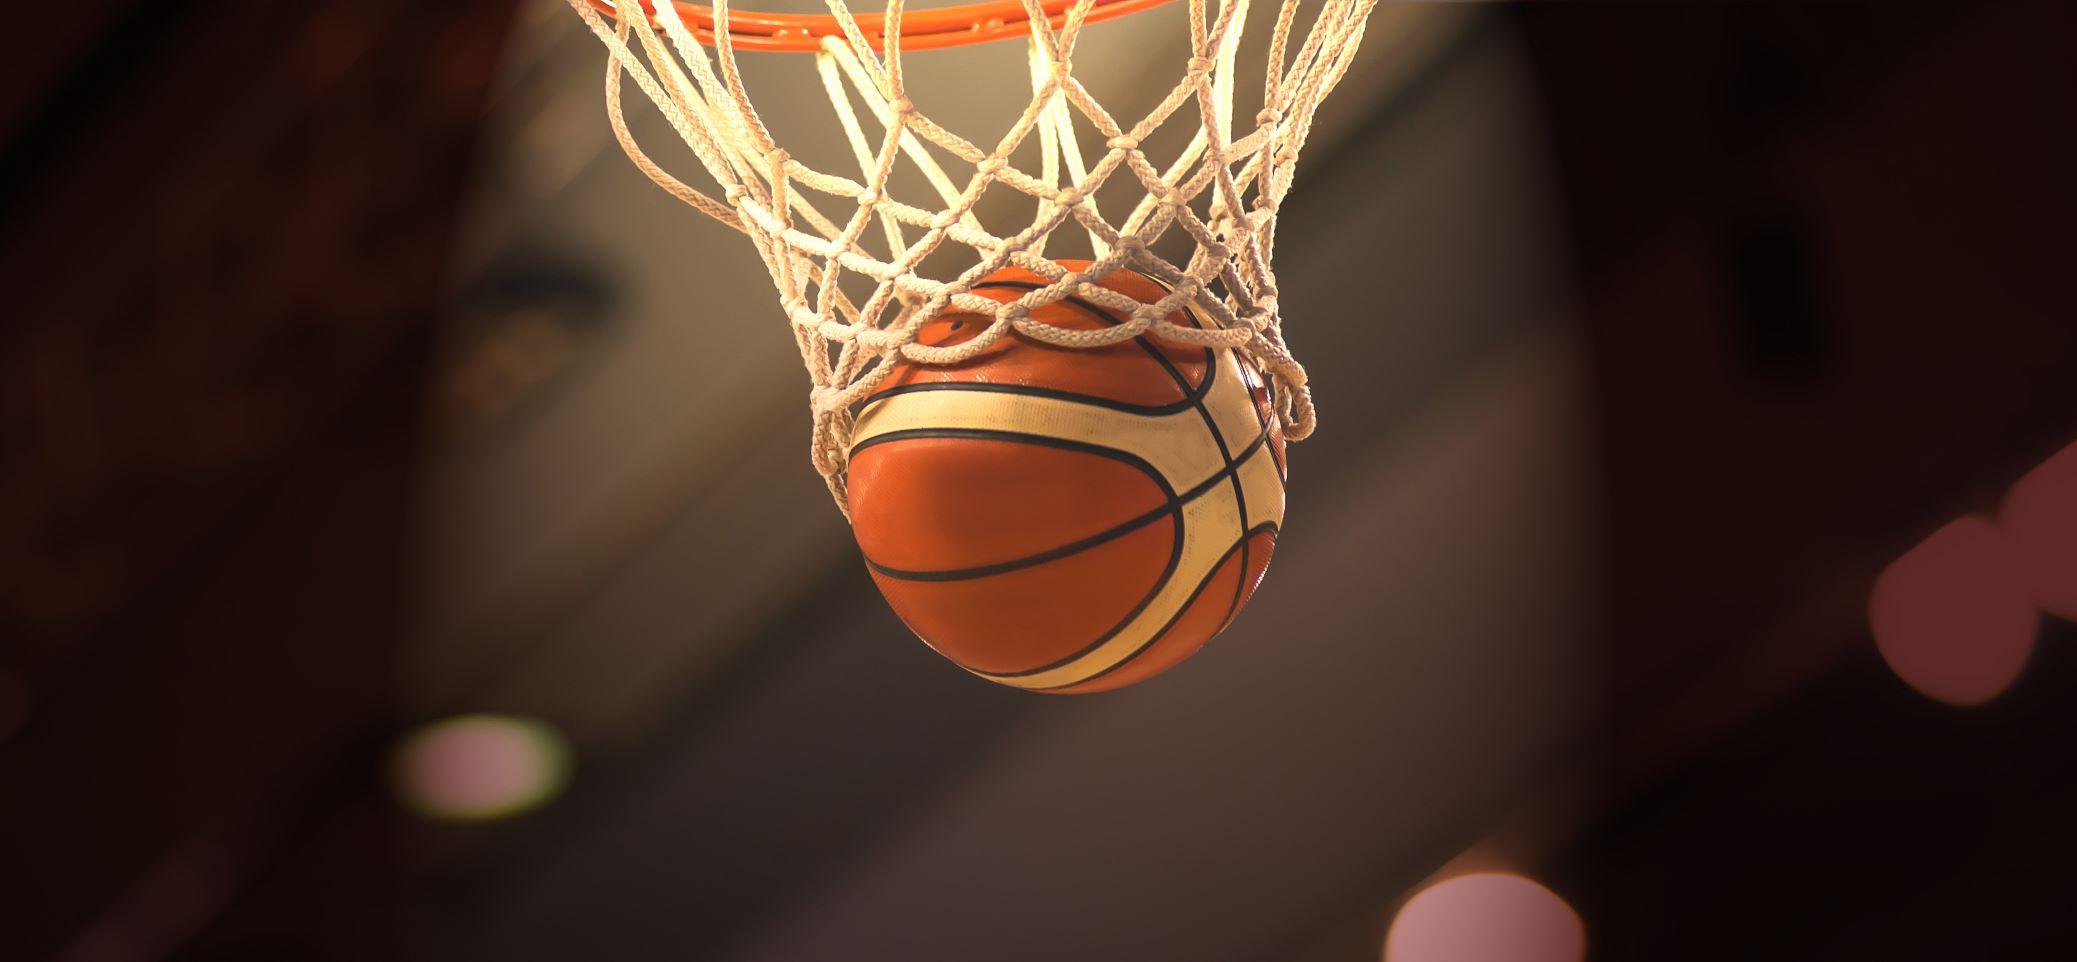 kwalifikacje olimpijskie koszykówka